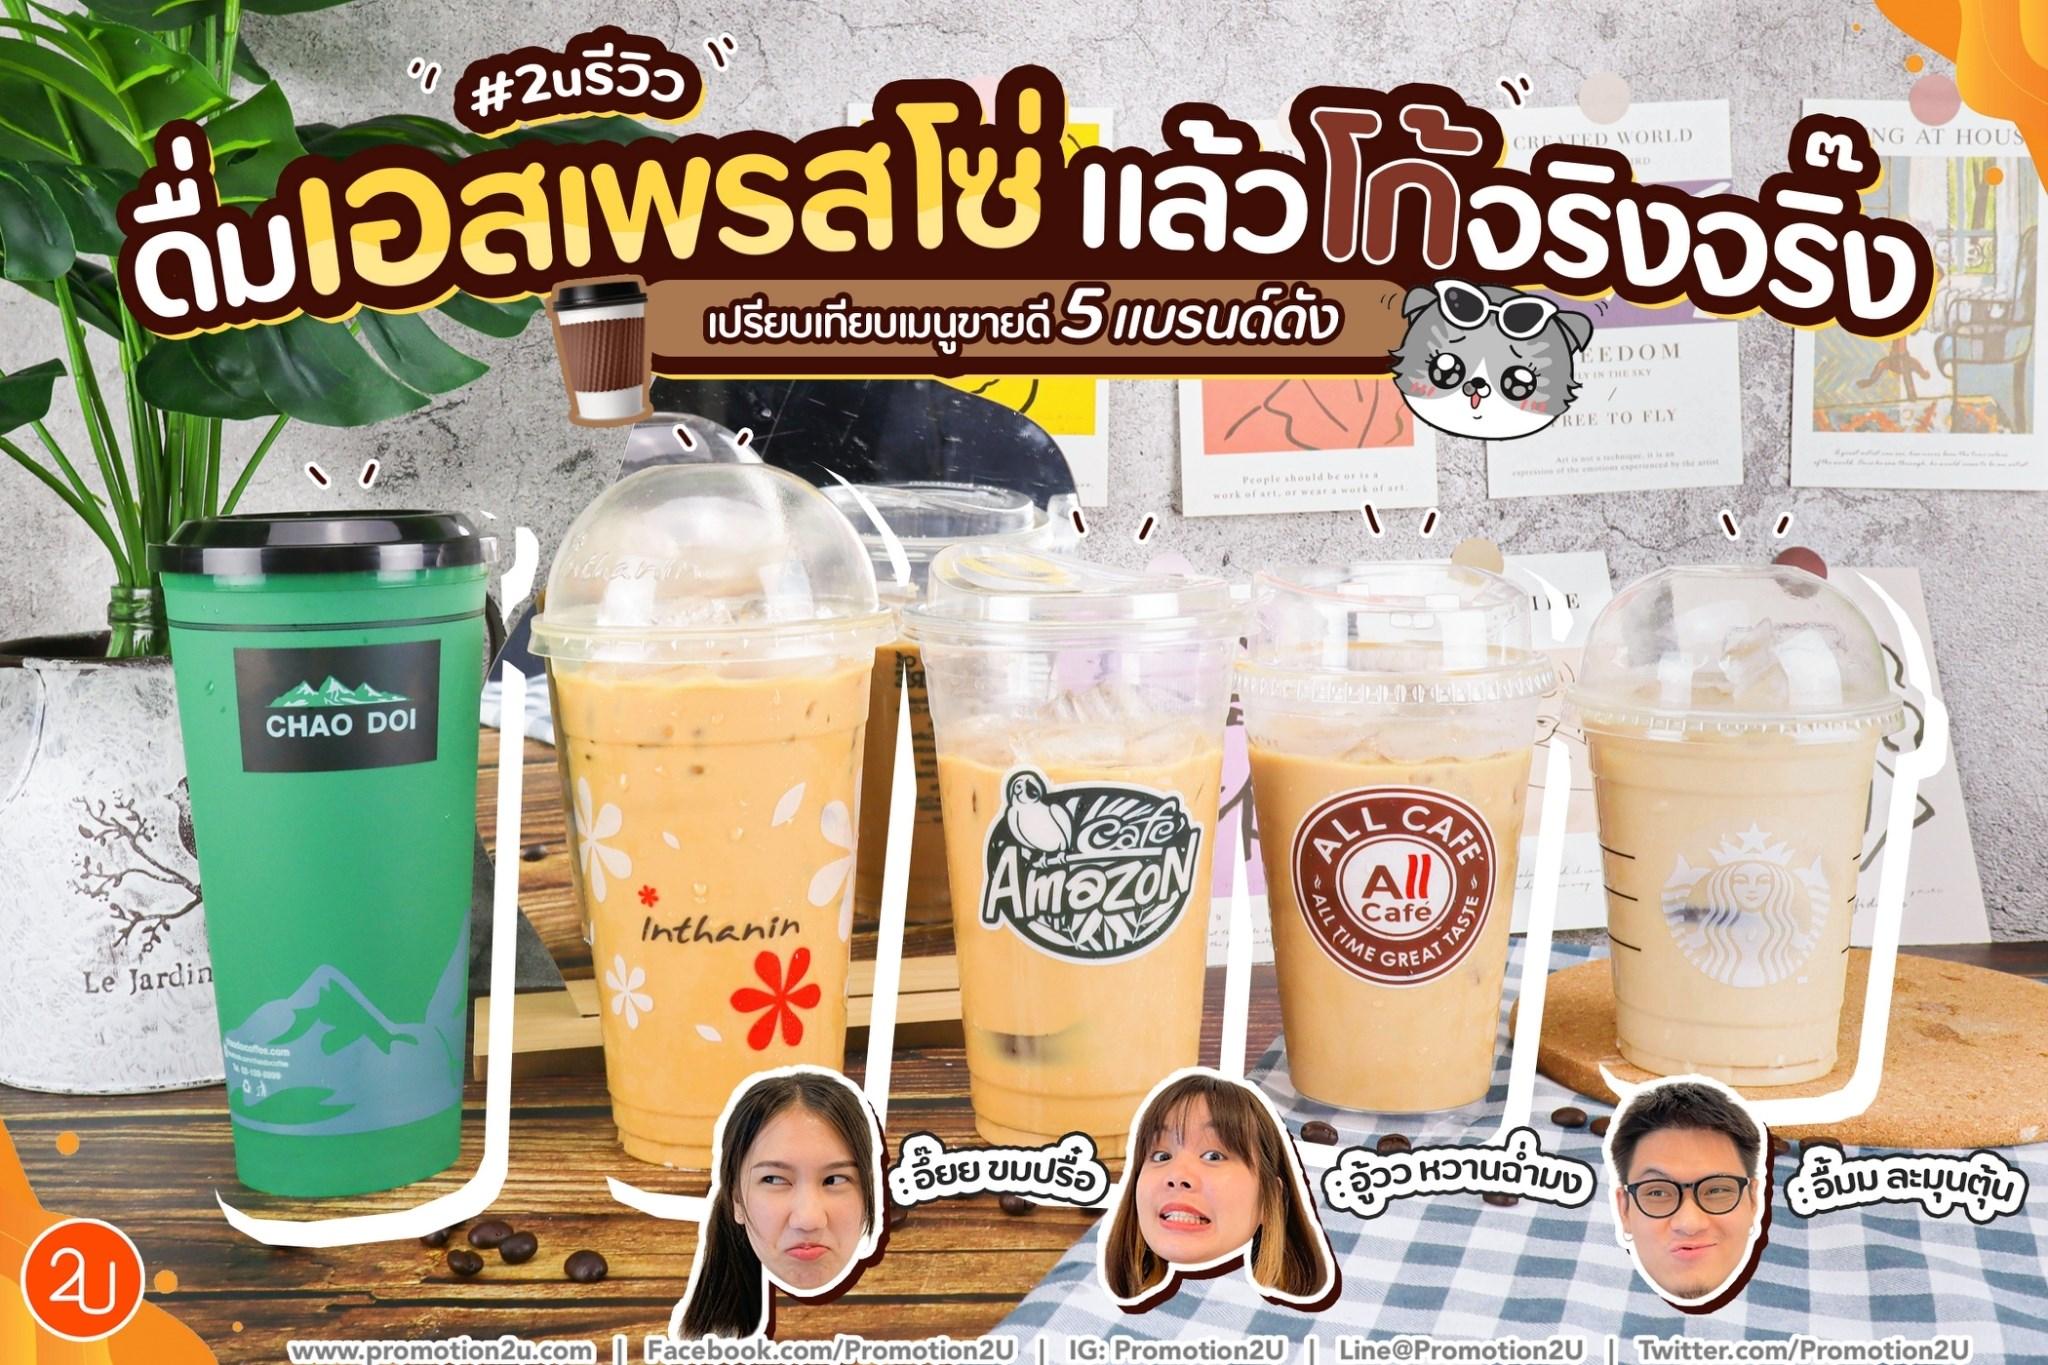 รีวิวจัดเต็ม กาแฟเอสเพรสโซ่เมนูขายดี 5 แบรนด์ดัง แก้วไหนปังสุด!